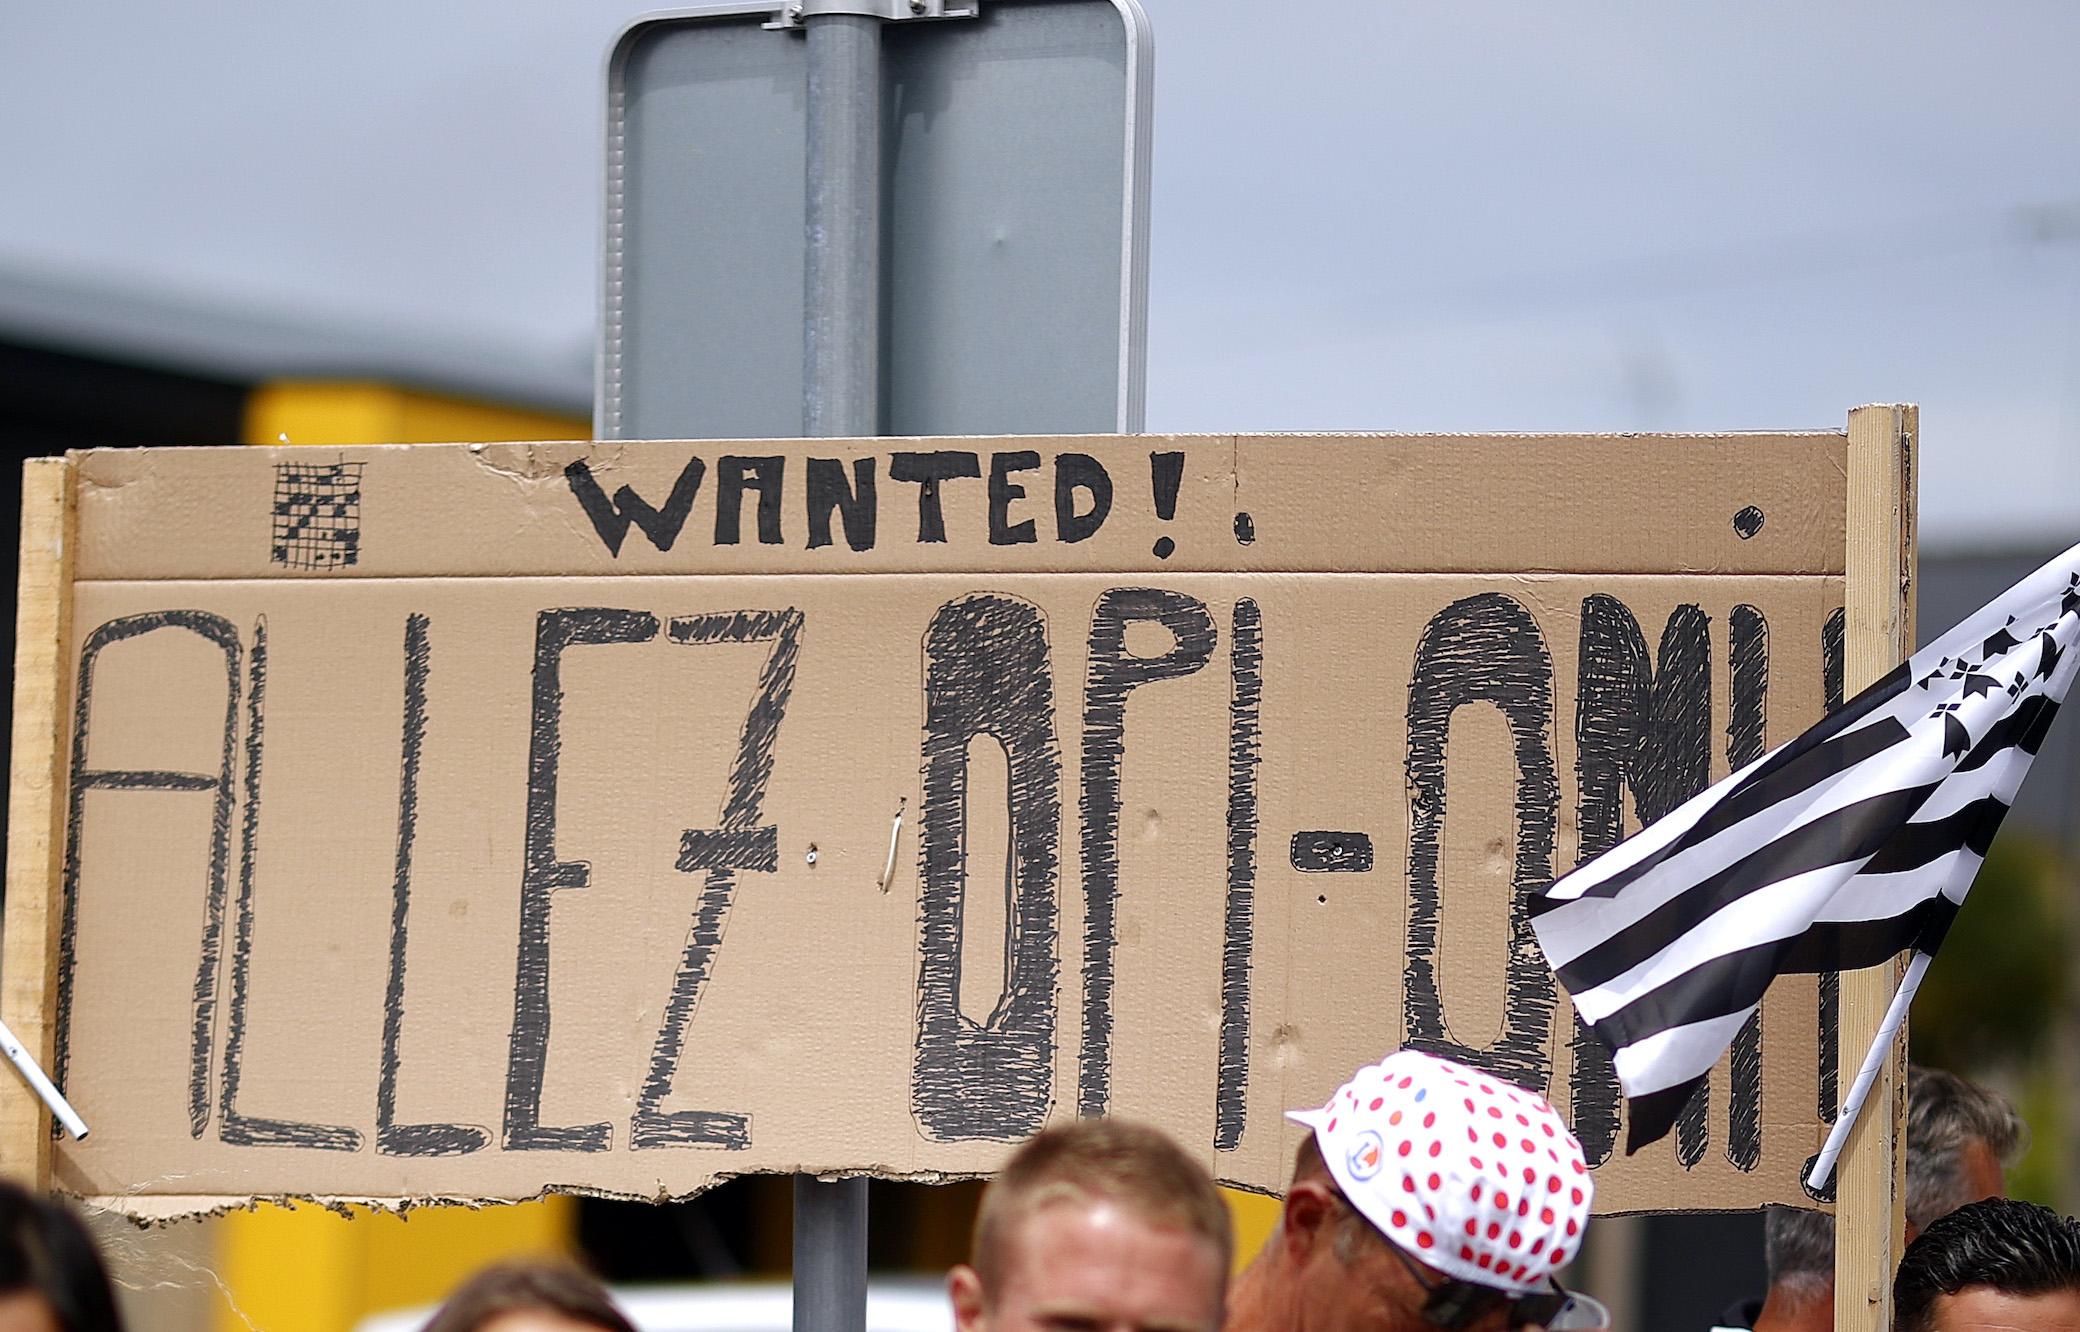 El espectador del Tour de Francia 'Opi-Omi' que causó el accidente en el escenario inicial para comparecer ante el tribunal